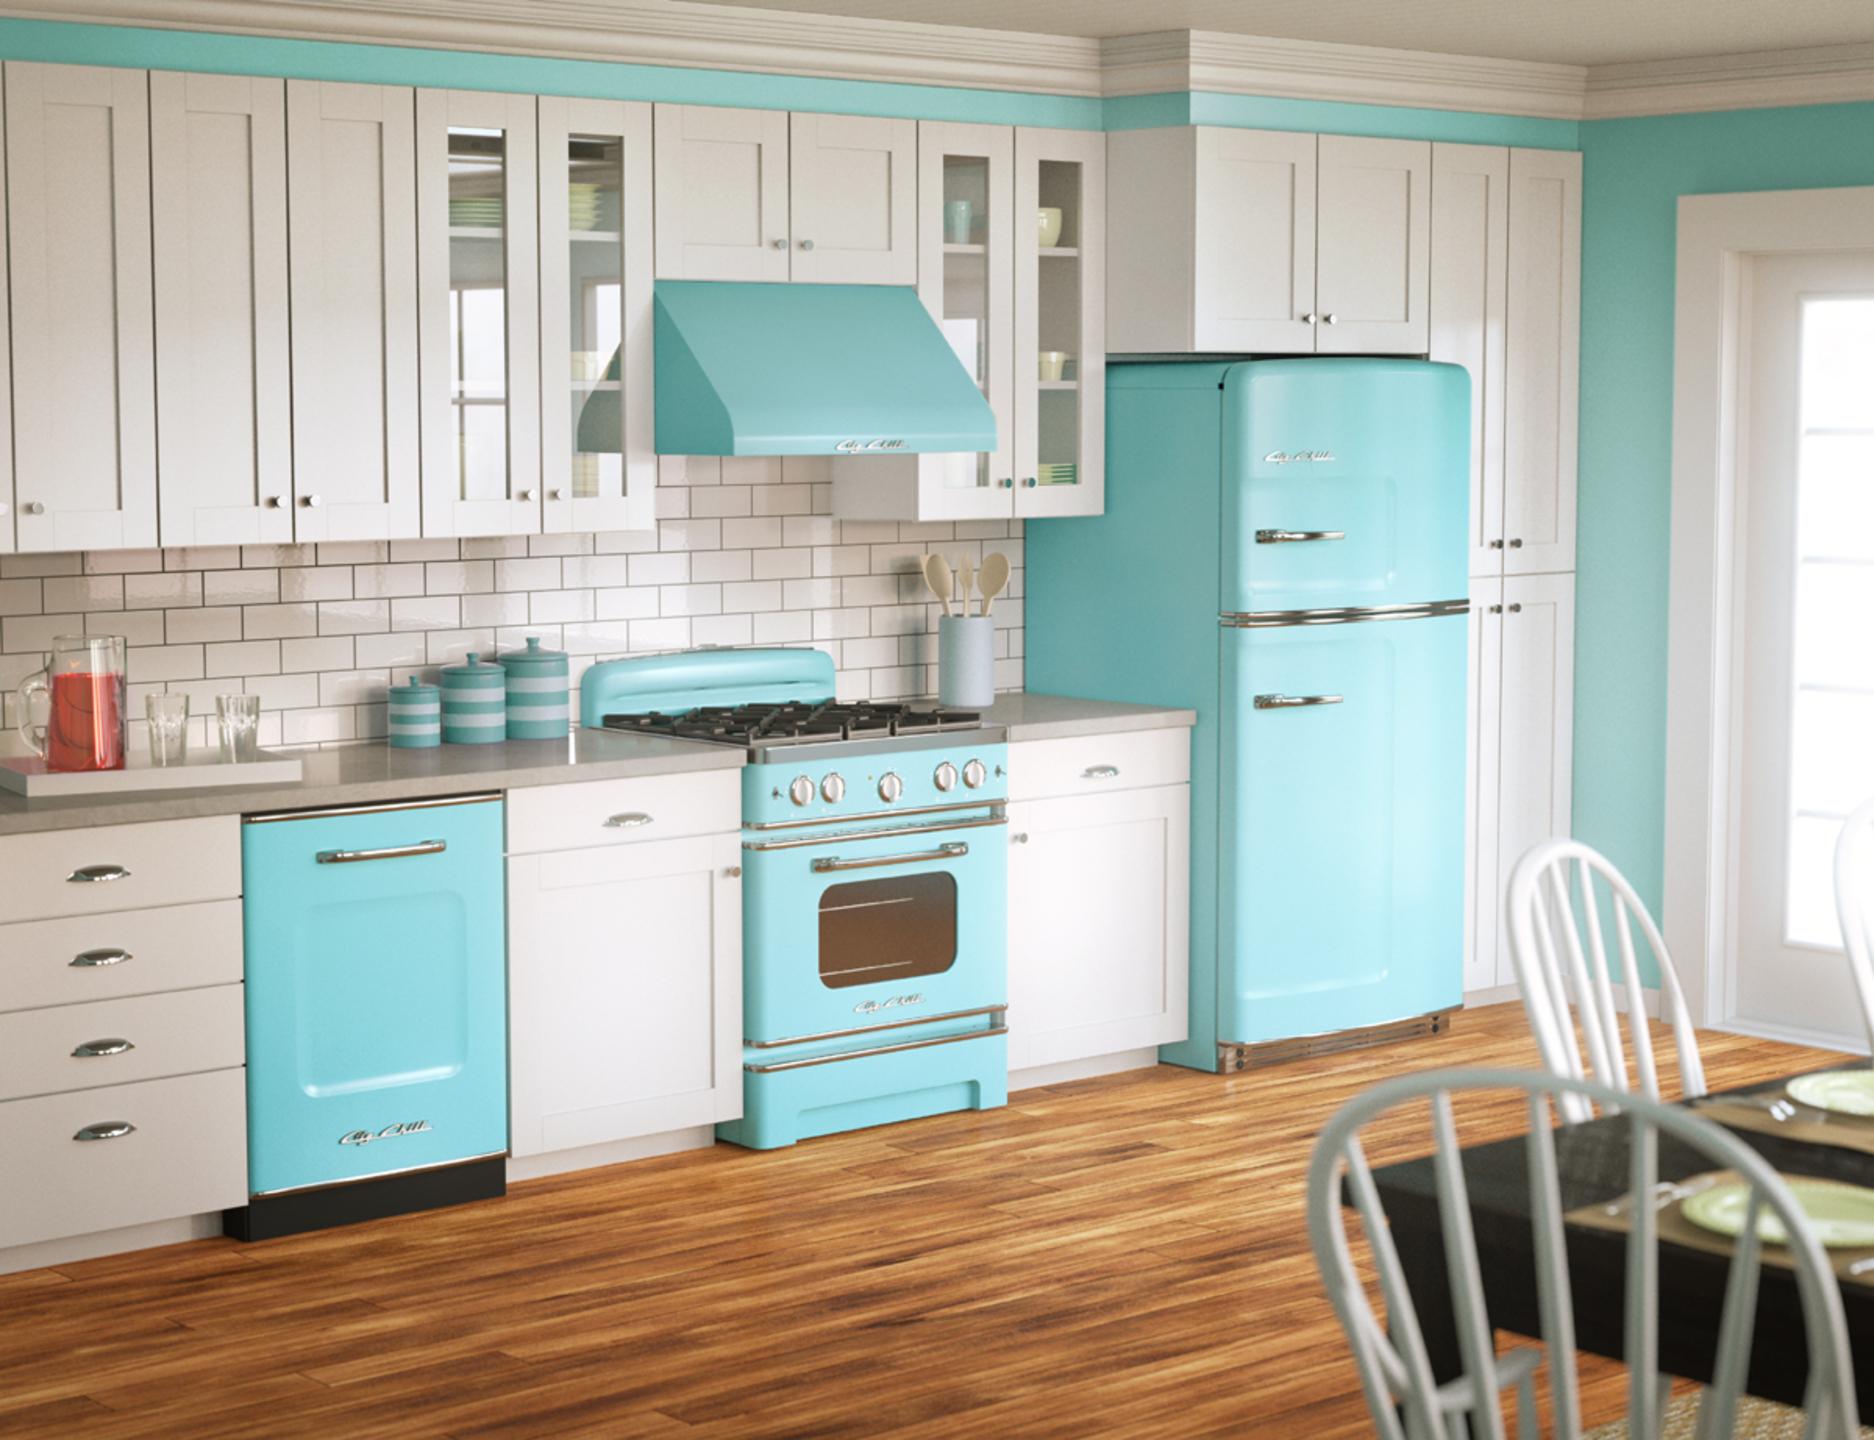 1920 1440 modern retro kitchen design ideas her view for Modern 1920 s kitchen